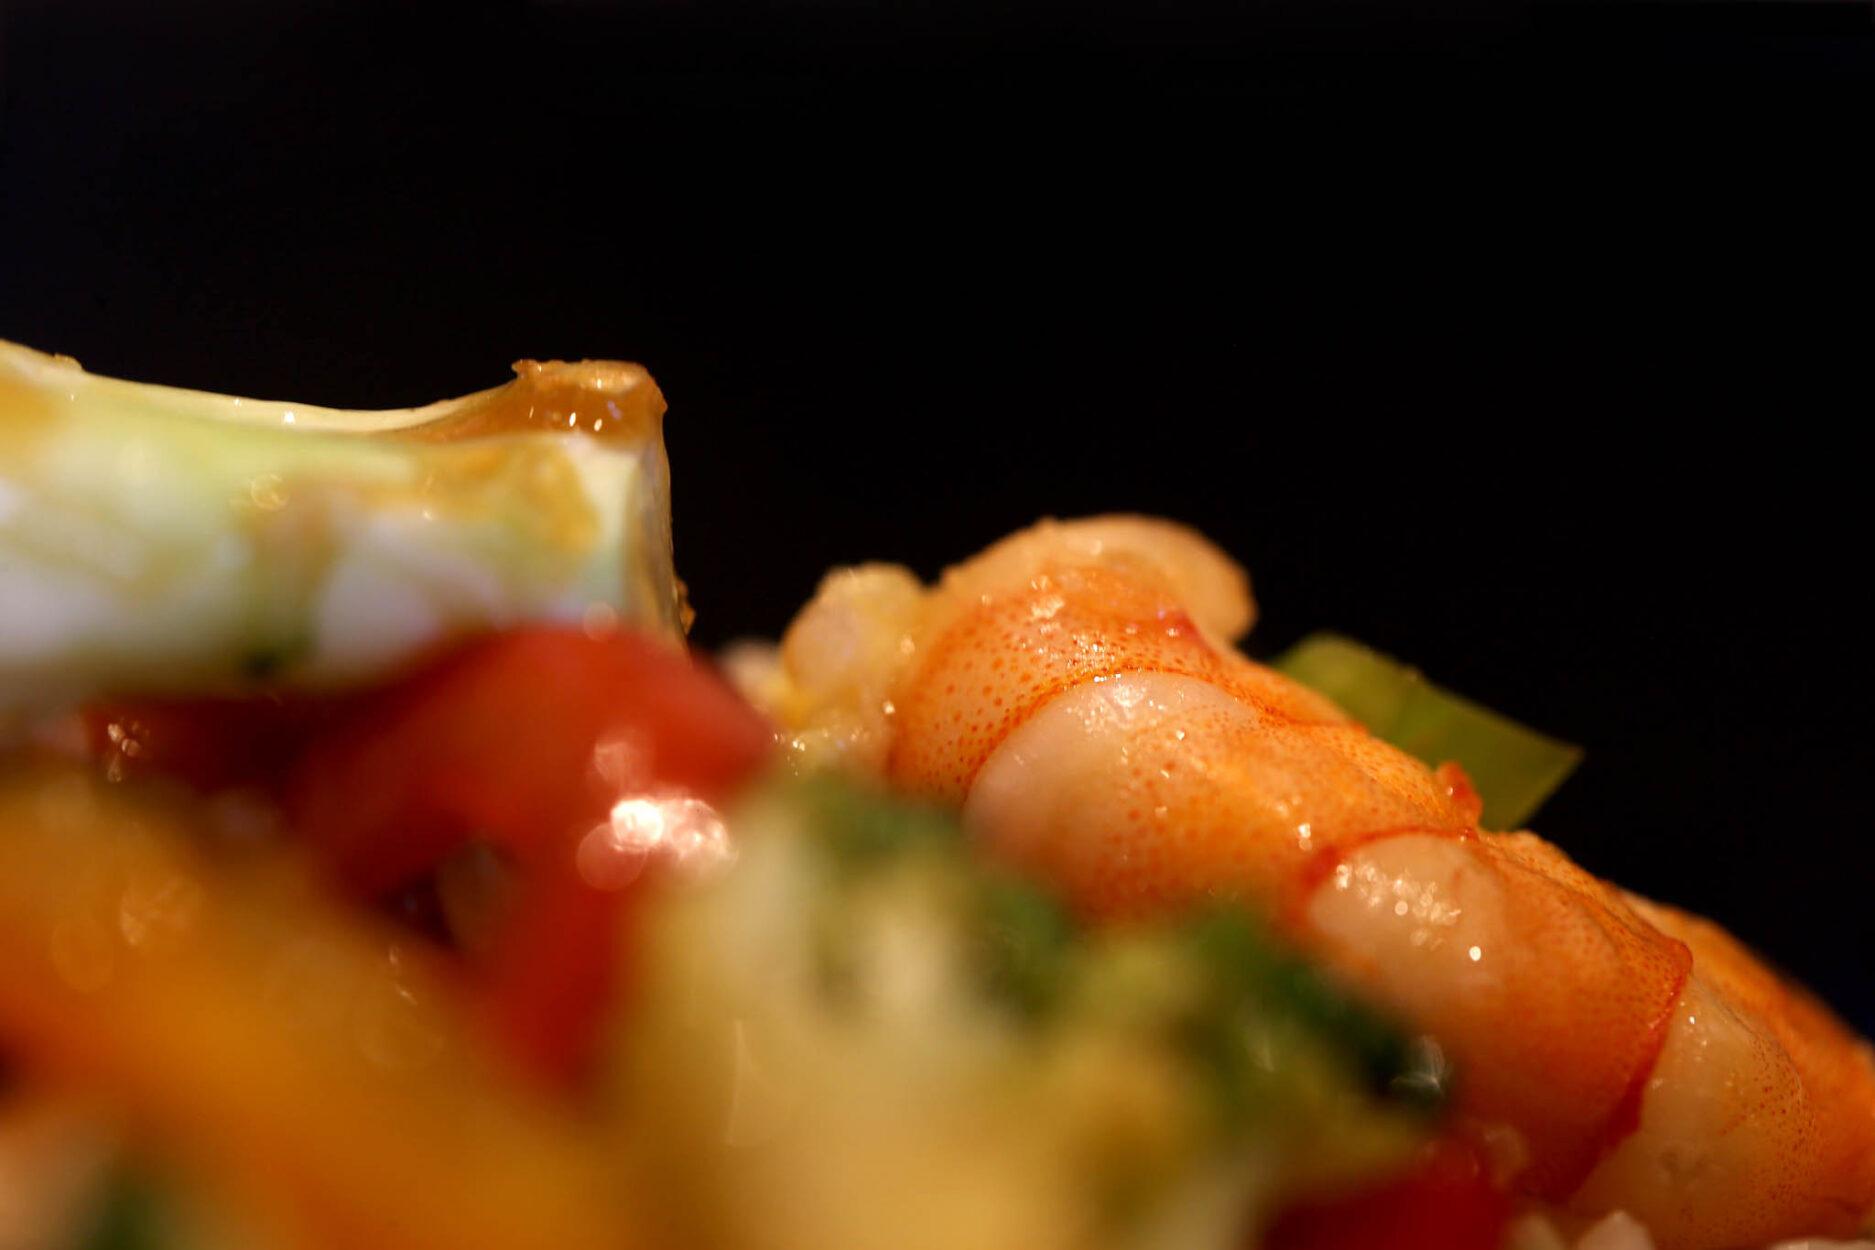 gastronomica-alimentos-nicoletalupuagency (3 of 84)